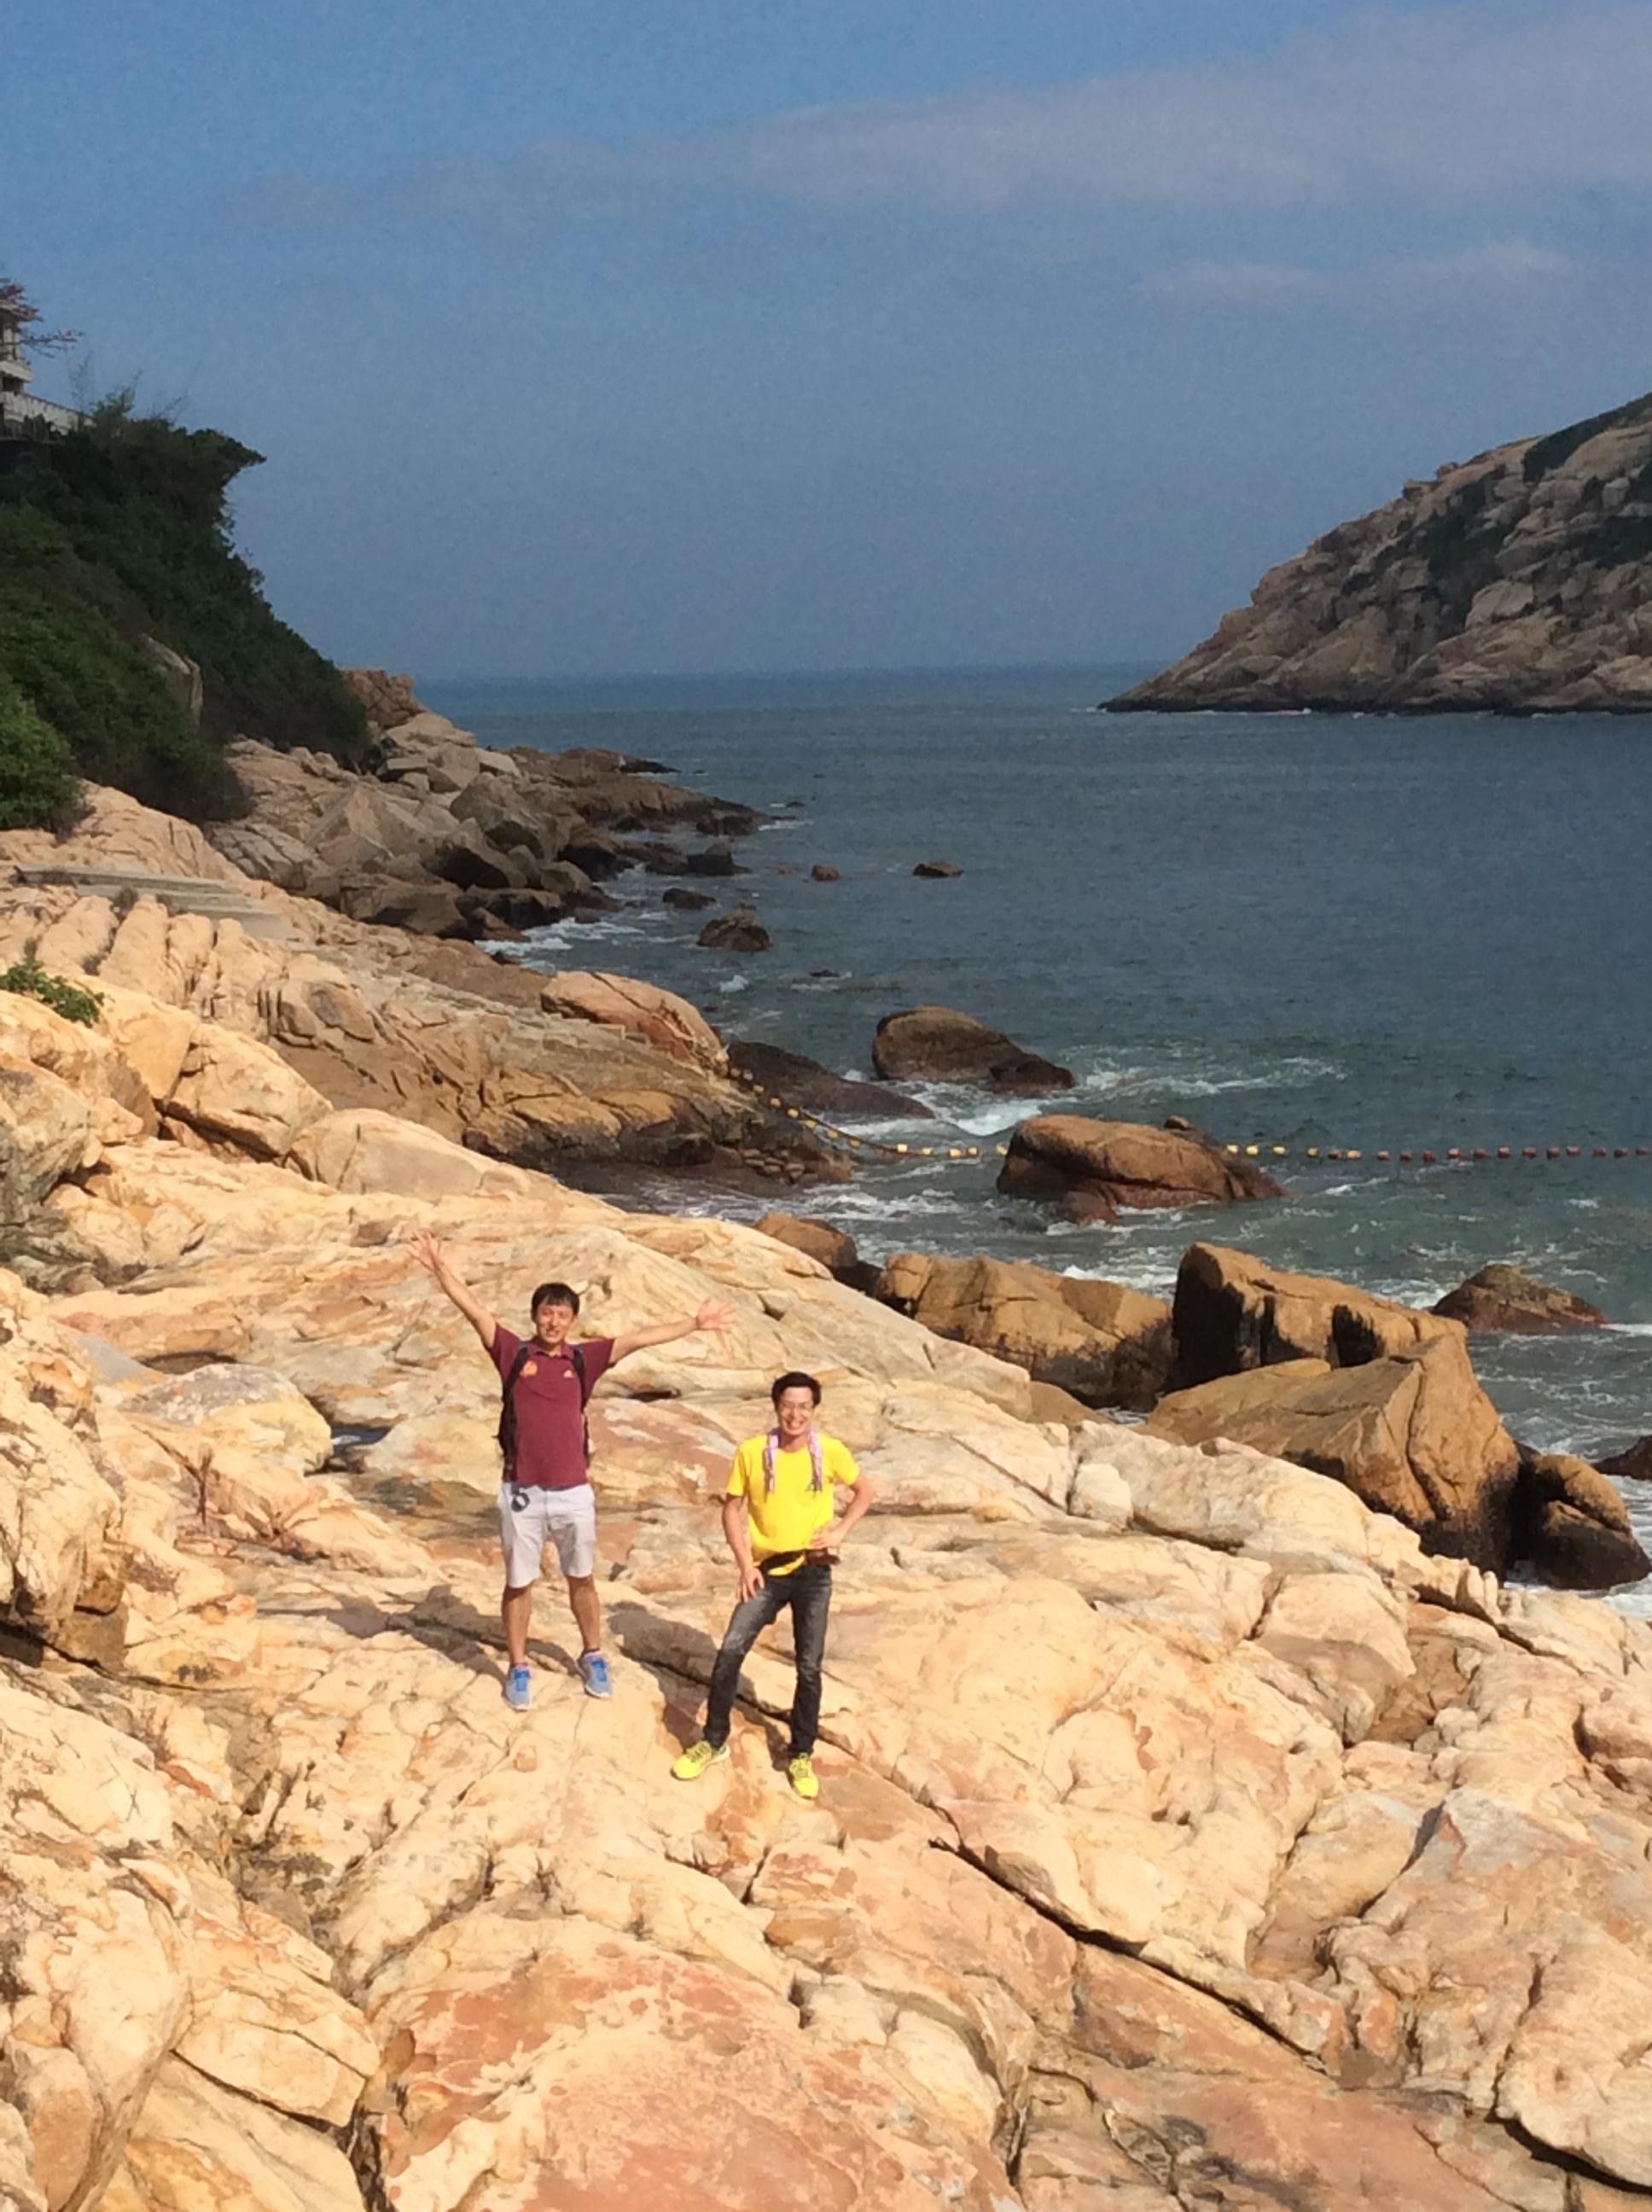 香港生態旅遊有發展潛力嗎?